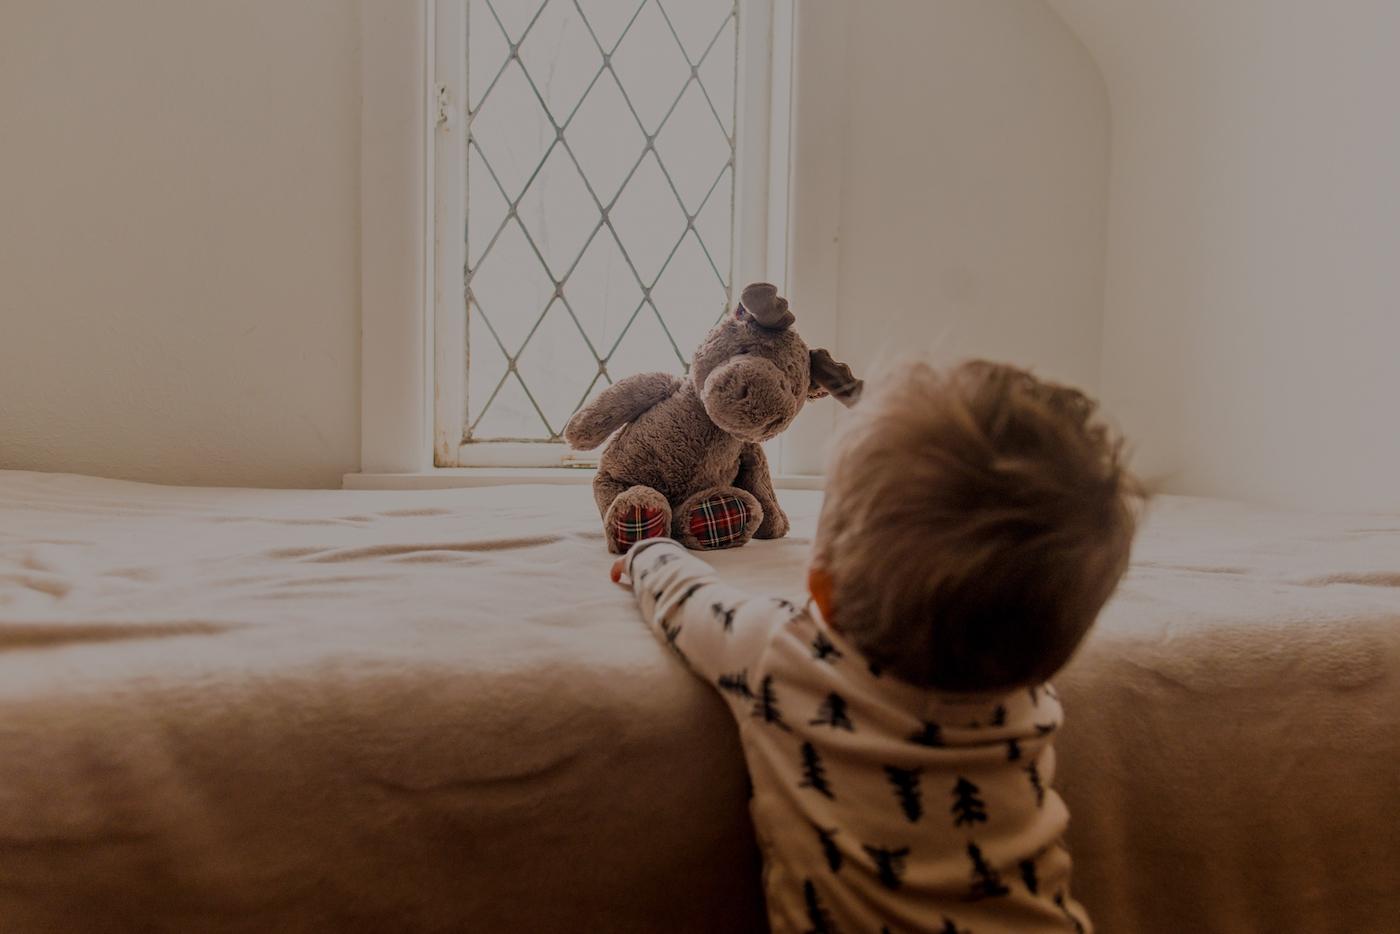 ein Kleinkind spielt mit seinem Kuscheltier